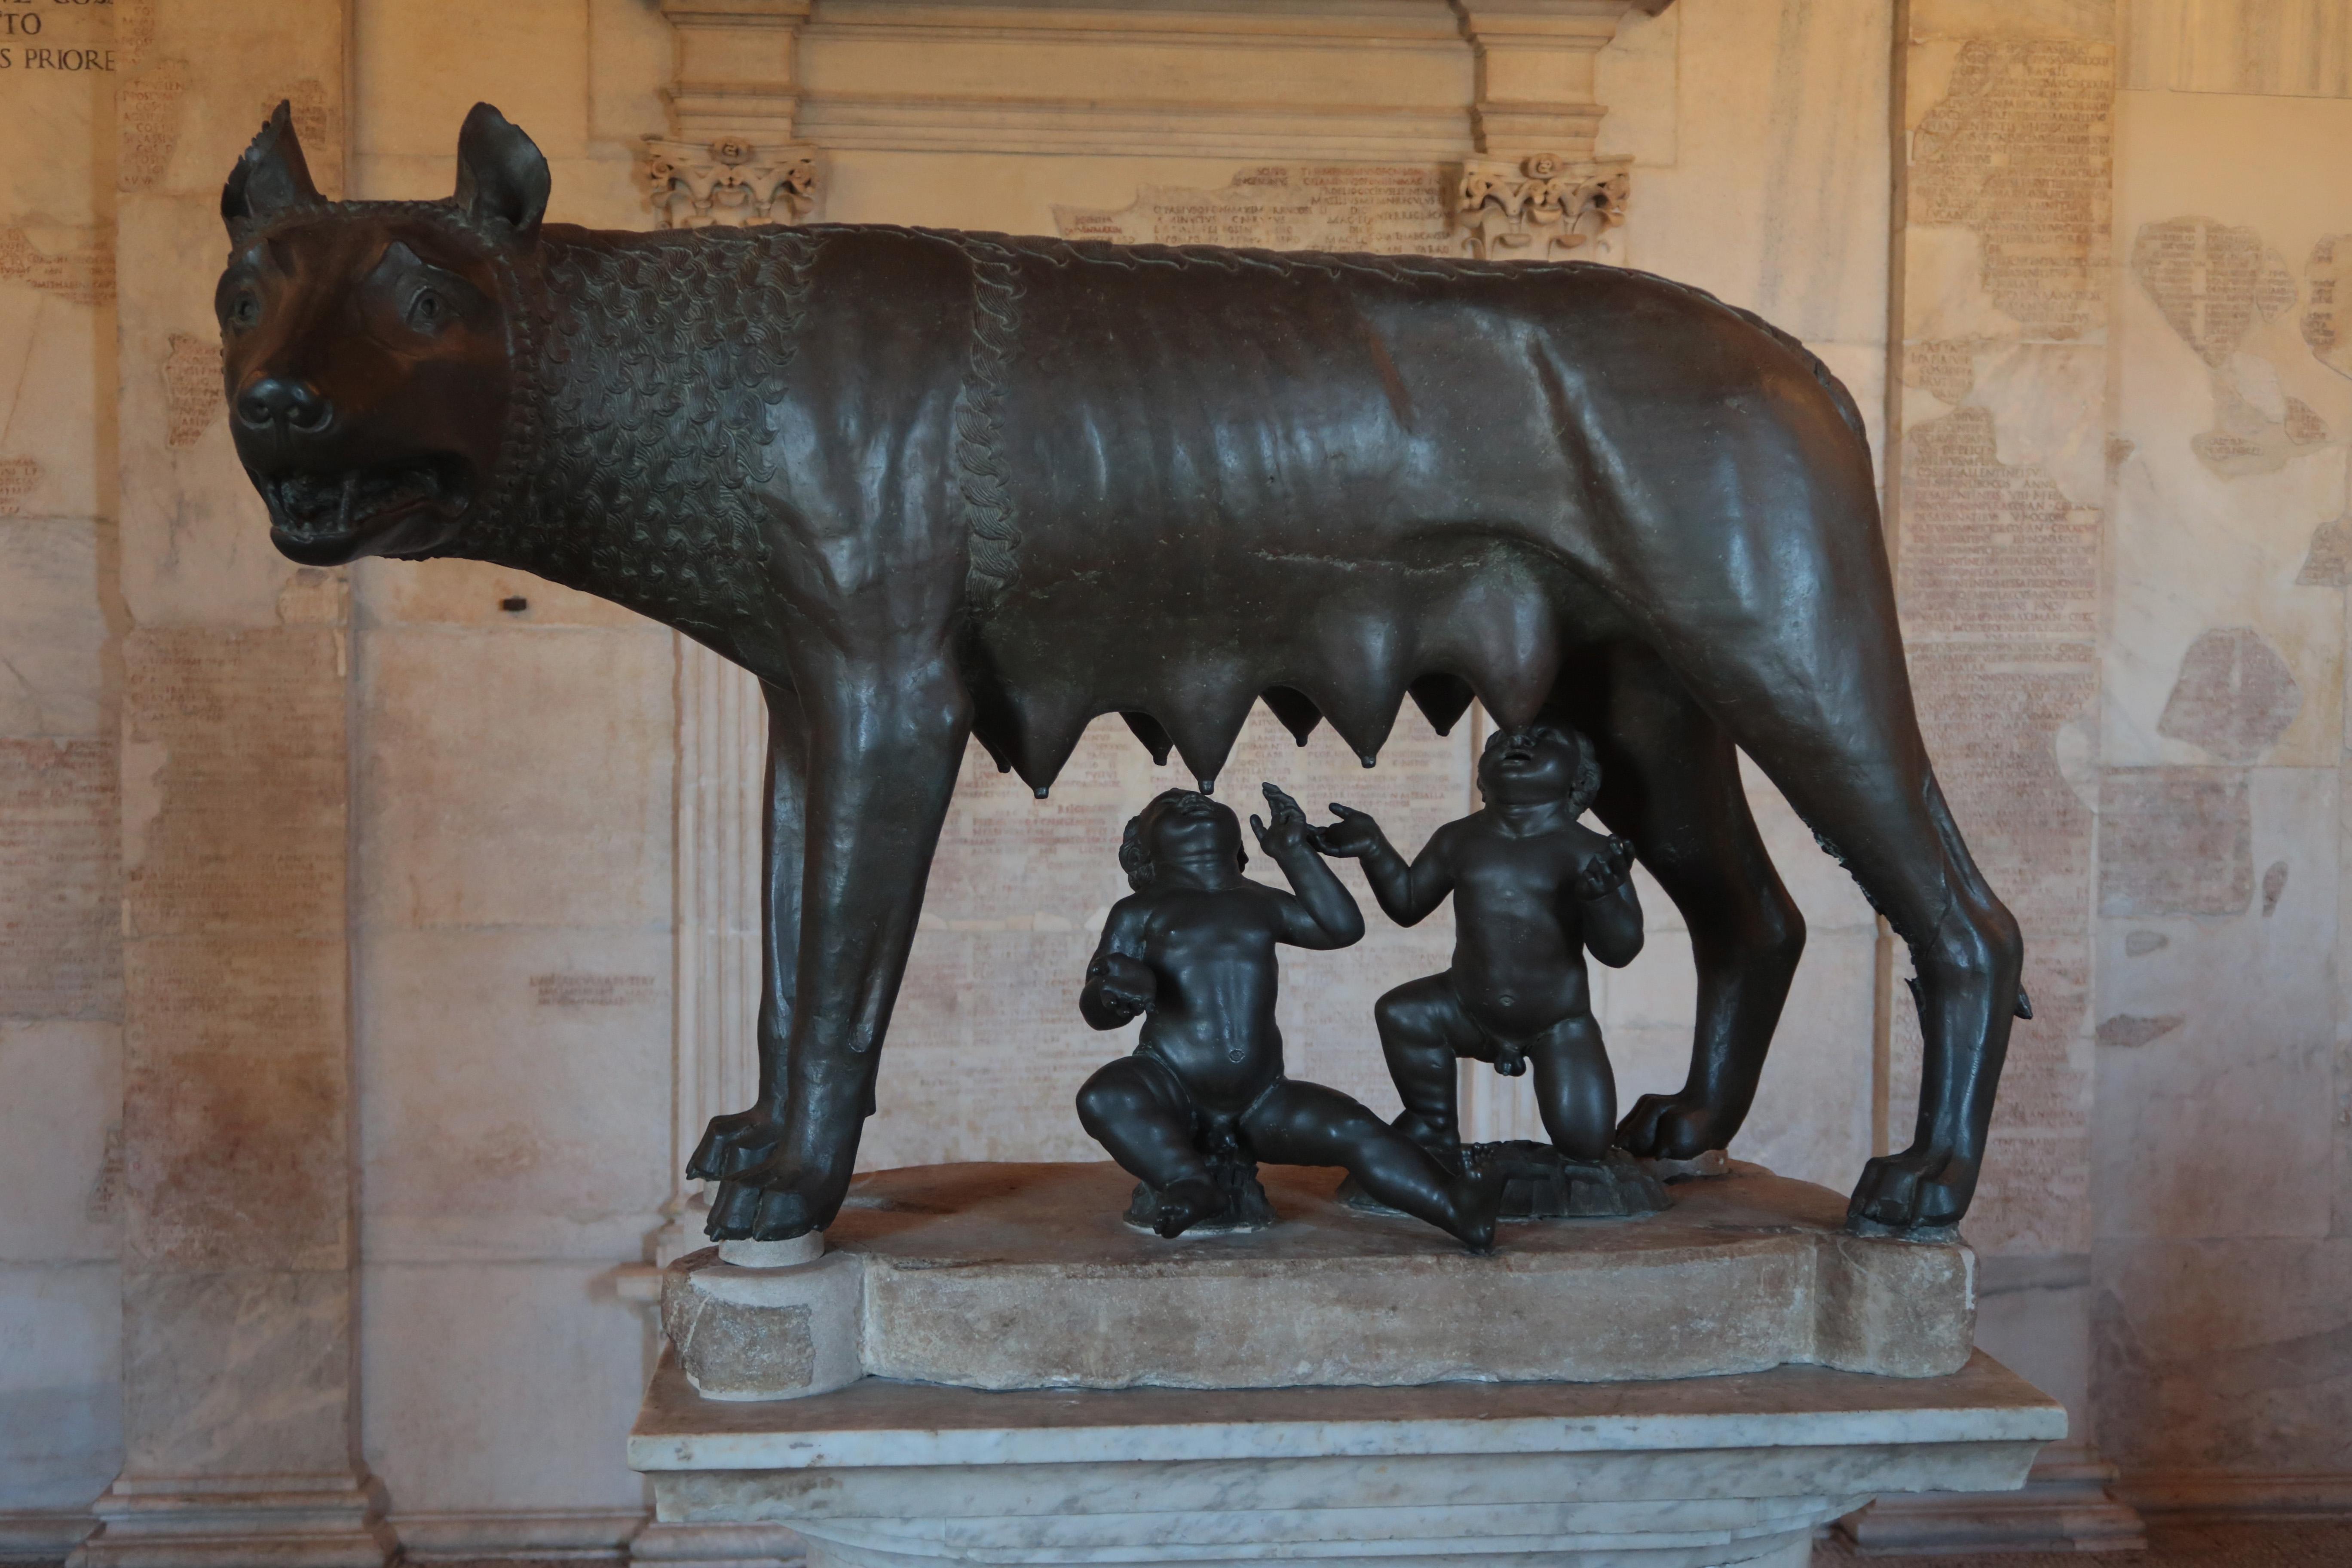 Римските вълци<br /> В Италия напоследък проблемът с вълците става все по-сериозен. Ромул и Рем - митичните основатели на Рим, споменати в римската митология като близнаците, синове на весталката Рея Силвия и на бога на войната Марс, внасят нотка мистичност в проблема що се отнася до италианската столица. През 2017 г. скрита камера улавя два млади вълка в предградията на града – първите от този животински вид забелязани в областта от повече от век насам.